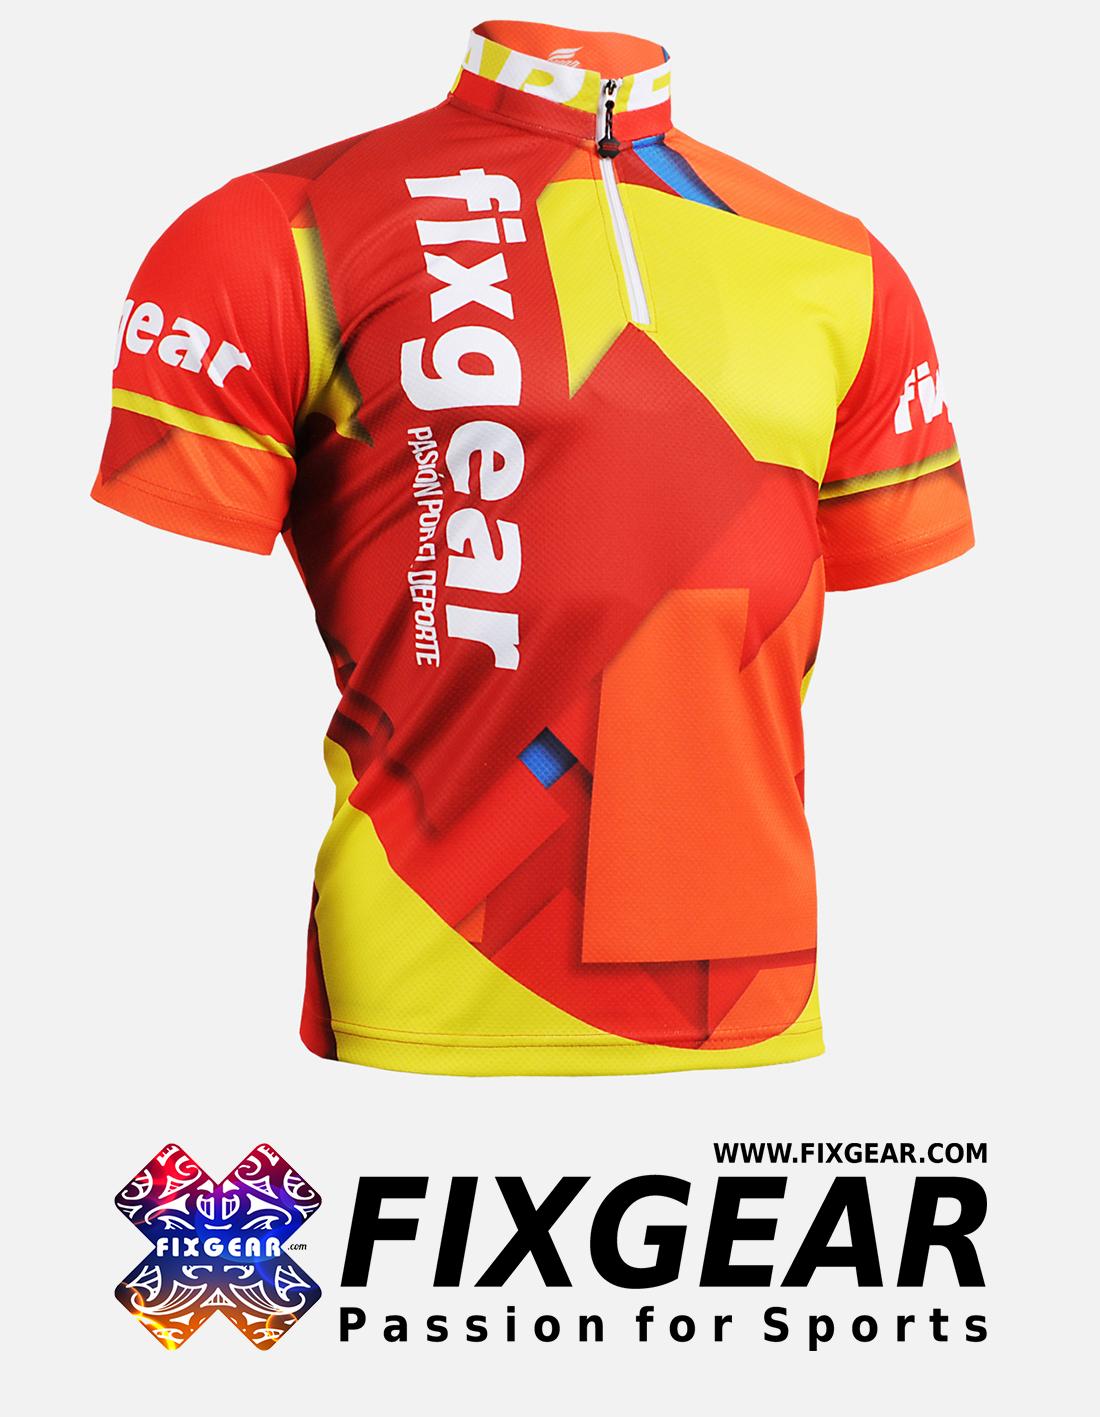 FIXGEAR BM-51R2 Casual Men's short sleeve jersey 1/4 zip-up T-Shirt